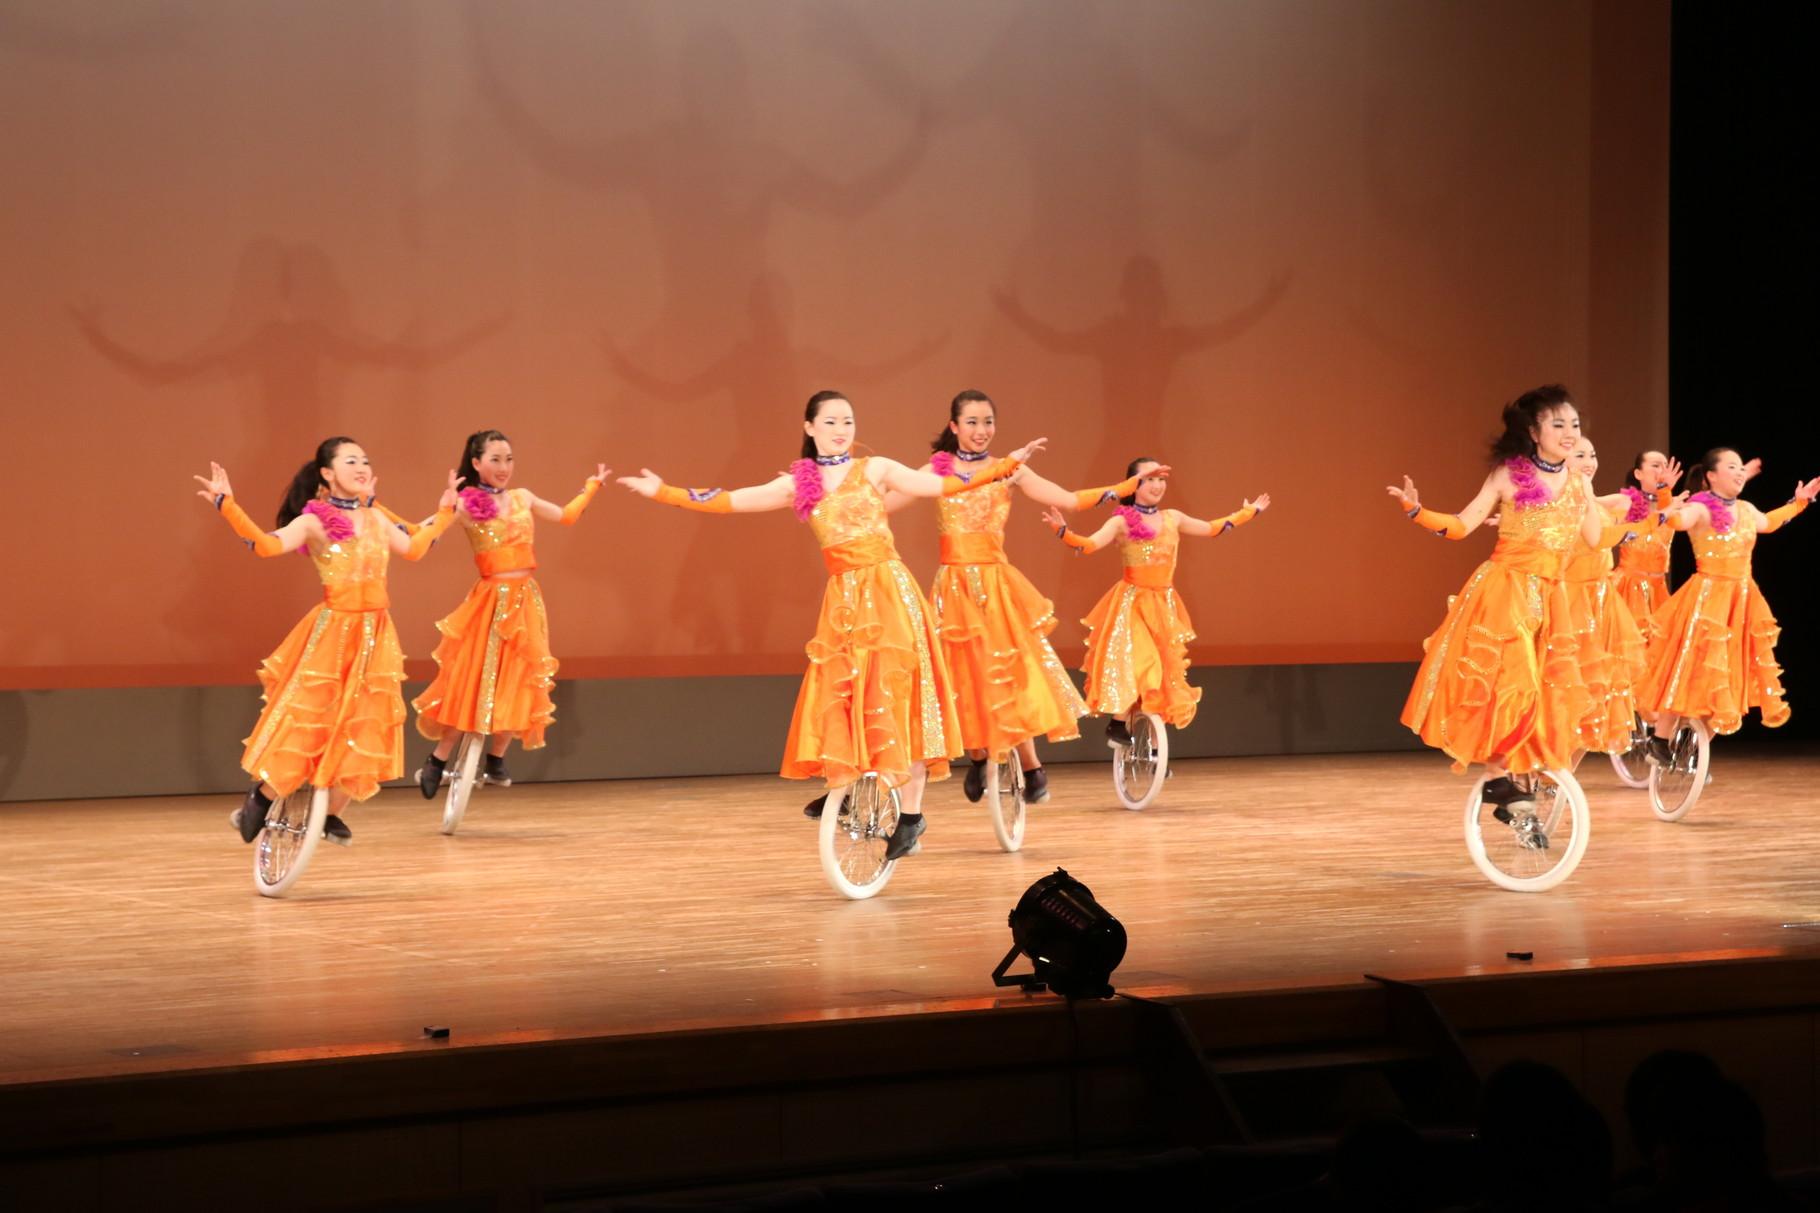 「サンバ」とは? ひとはなぜ踊るのか? いっぱい考えました